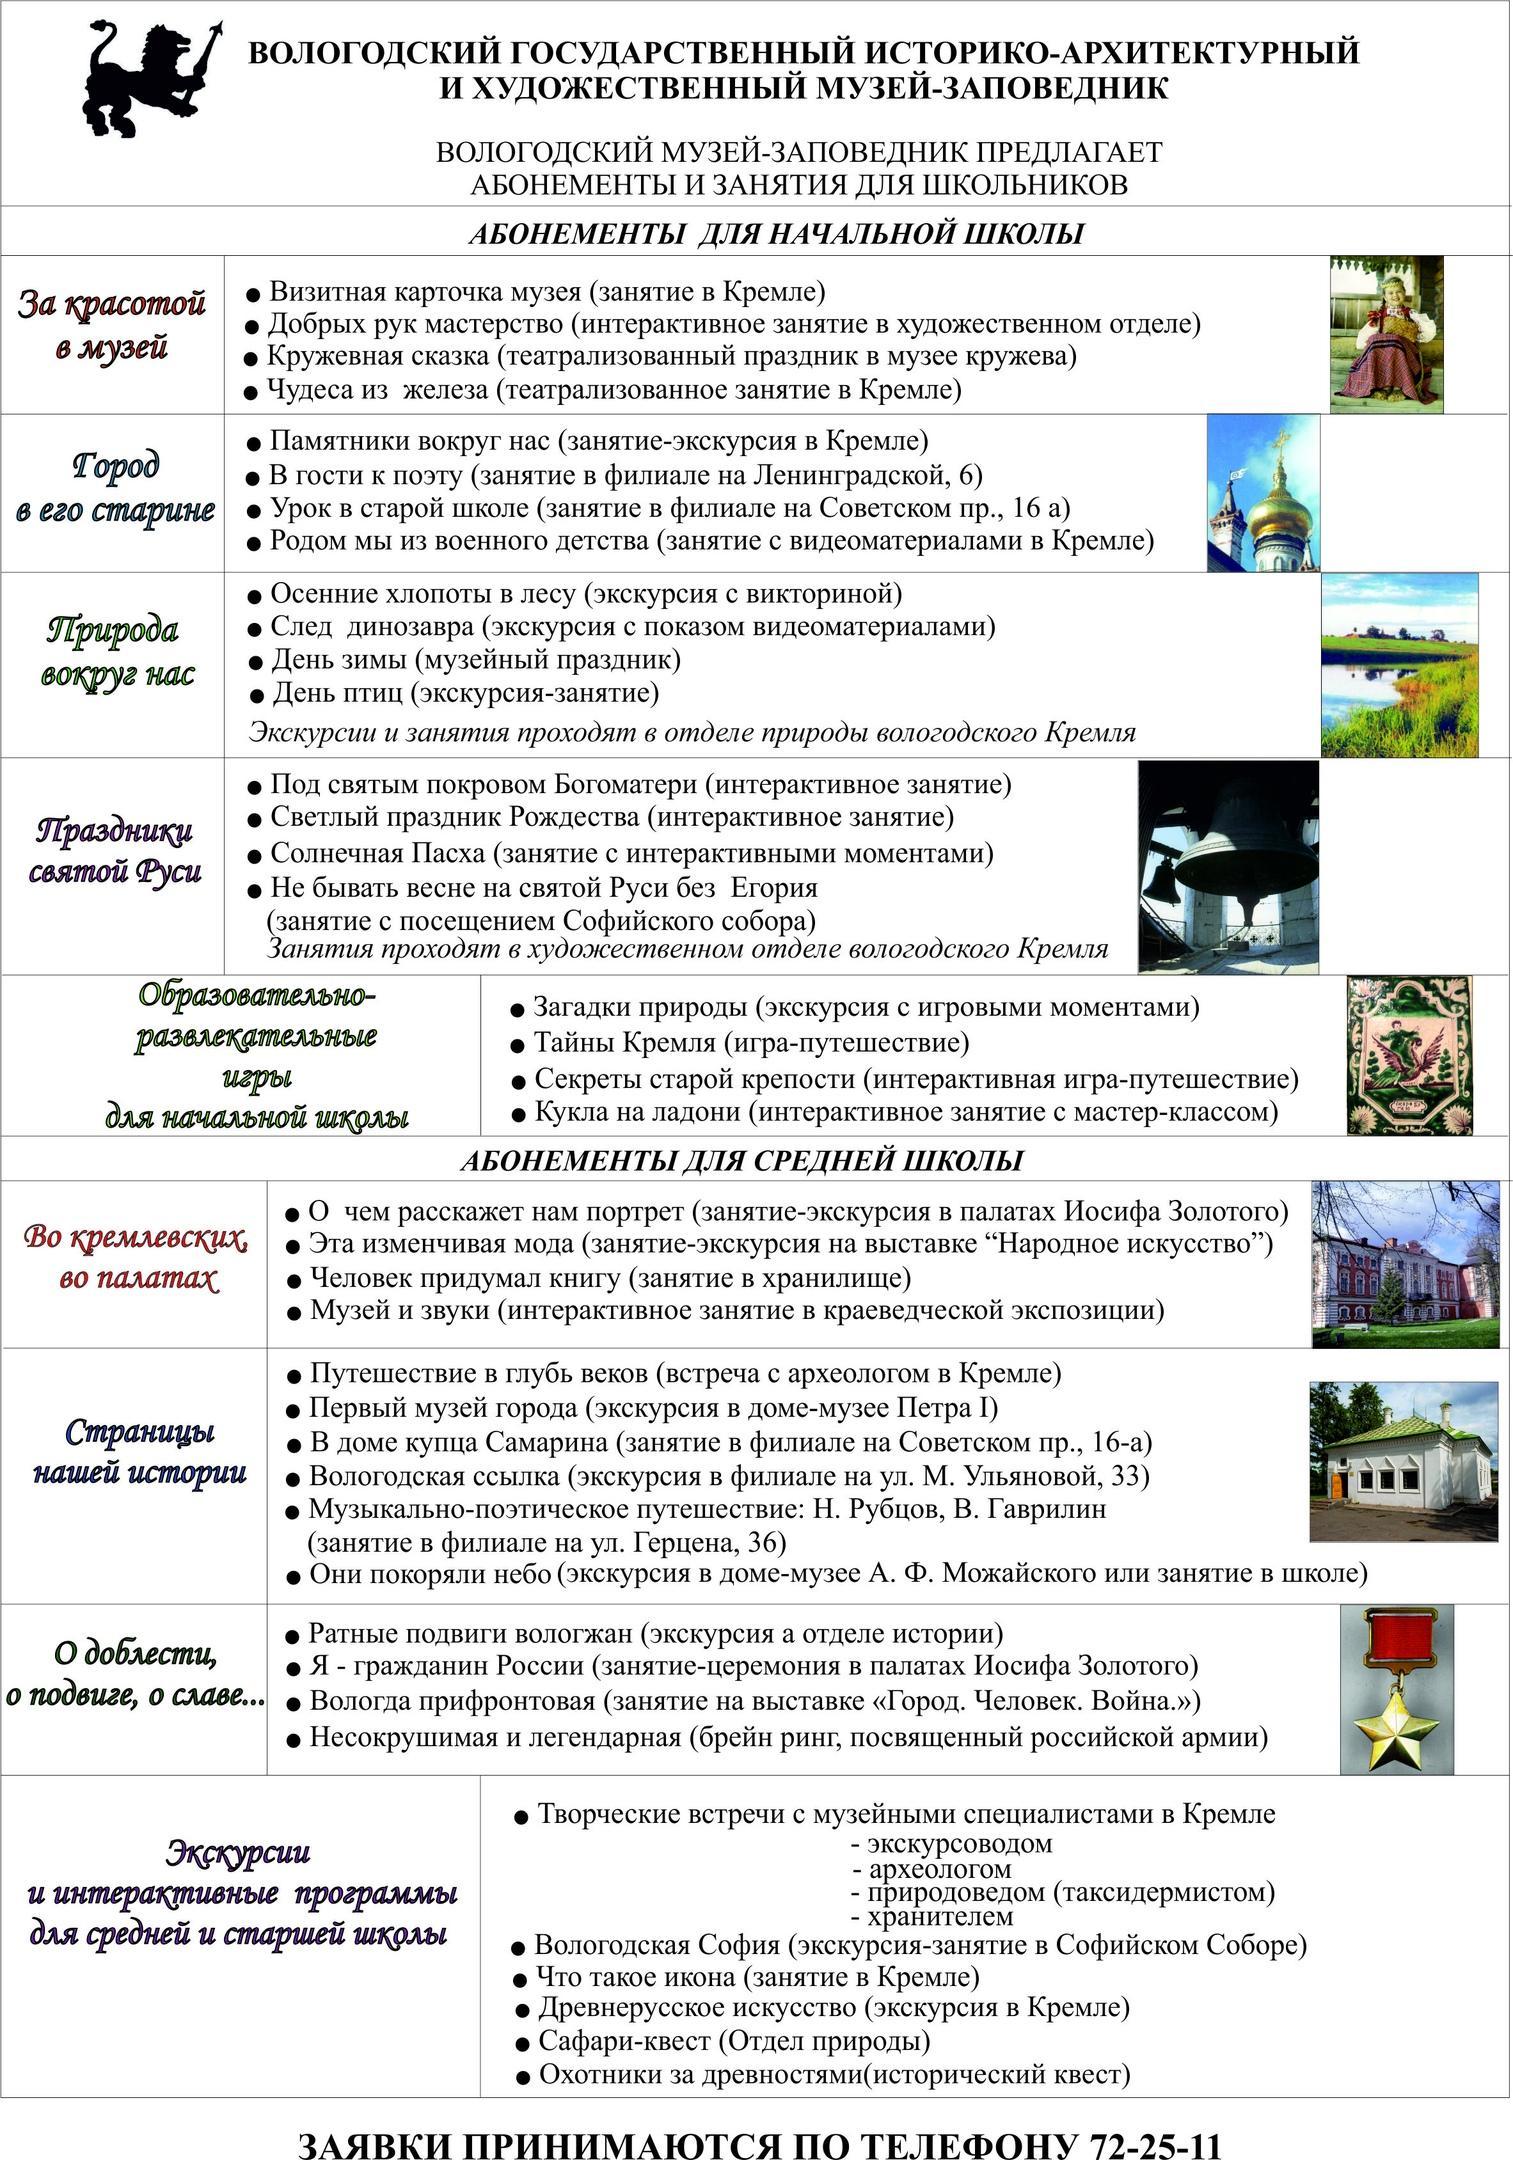 Остров сахалин: площадь, население, климат, природные ресурсы, промышленность, флора и фауна